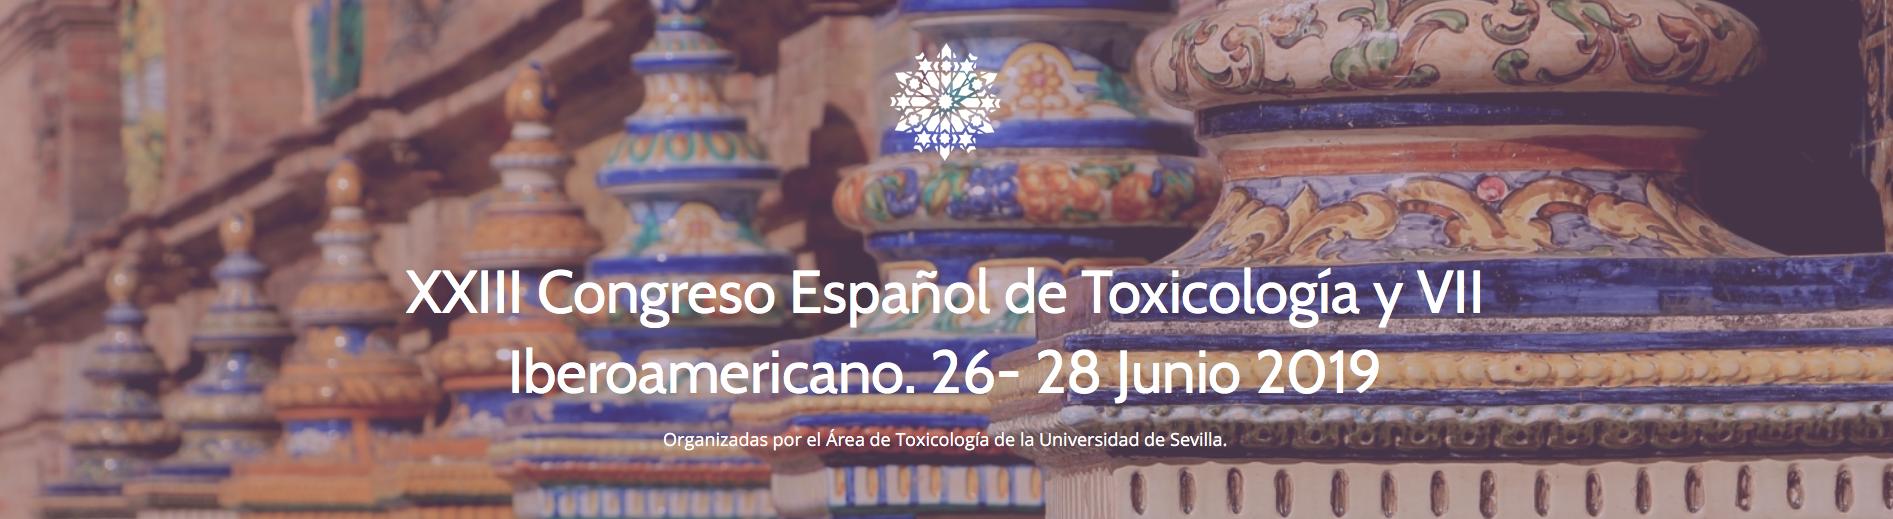 XXIII Congreso Español de Toxicología y VII Iberoamericano